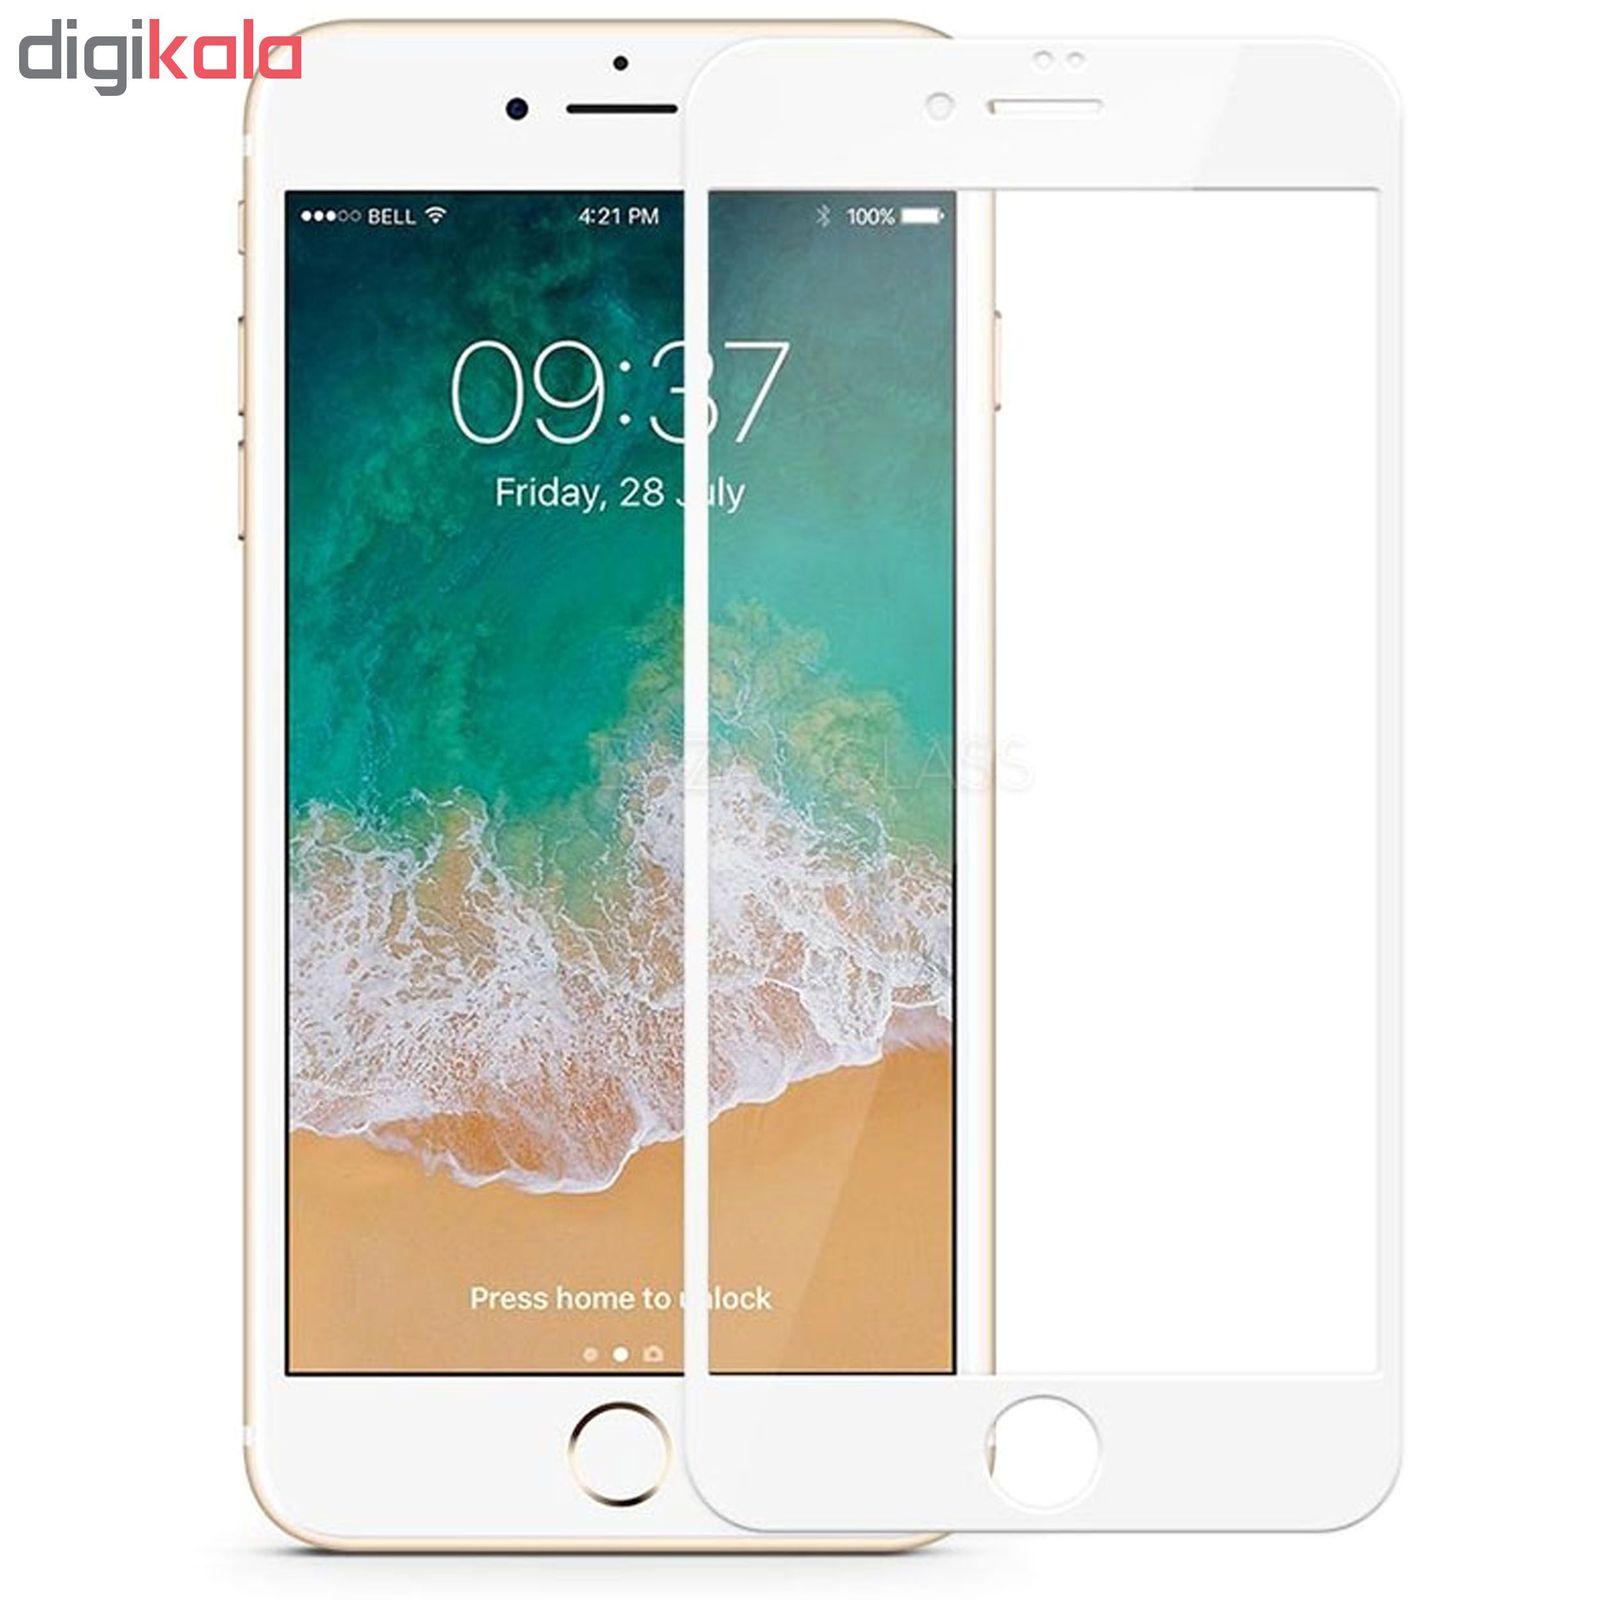 محافظ صفحه نمایش مدل GL004 مناسب برای گوشی موبایل اپل Iphone 7 PLUS main 1 1